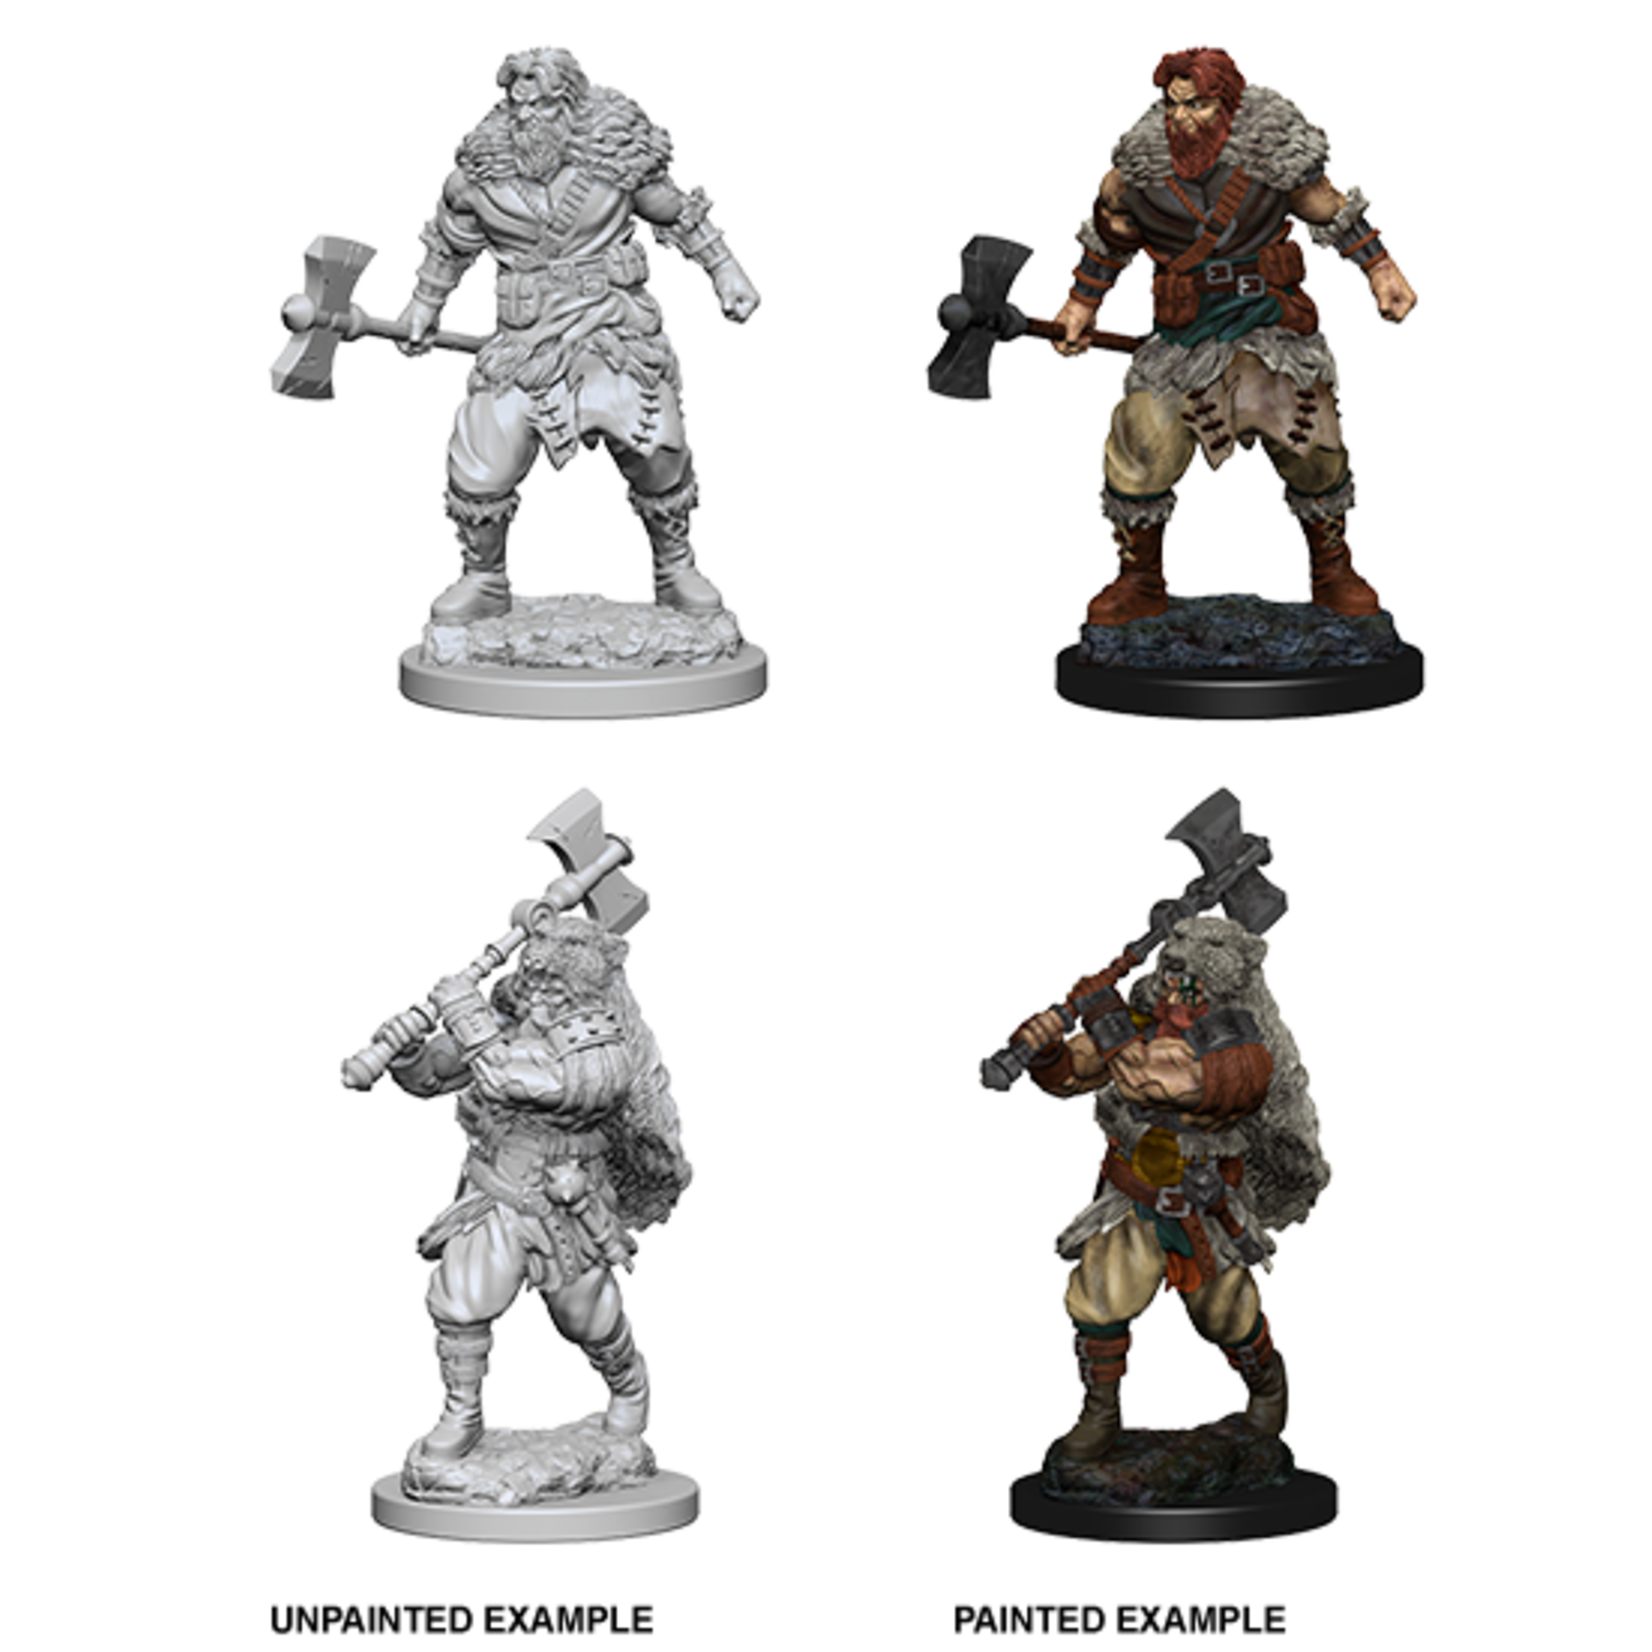 WizKids D&D Nolzur's Marvelous Miniatures: Human Male Barbarian (W1)